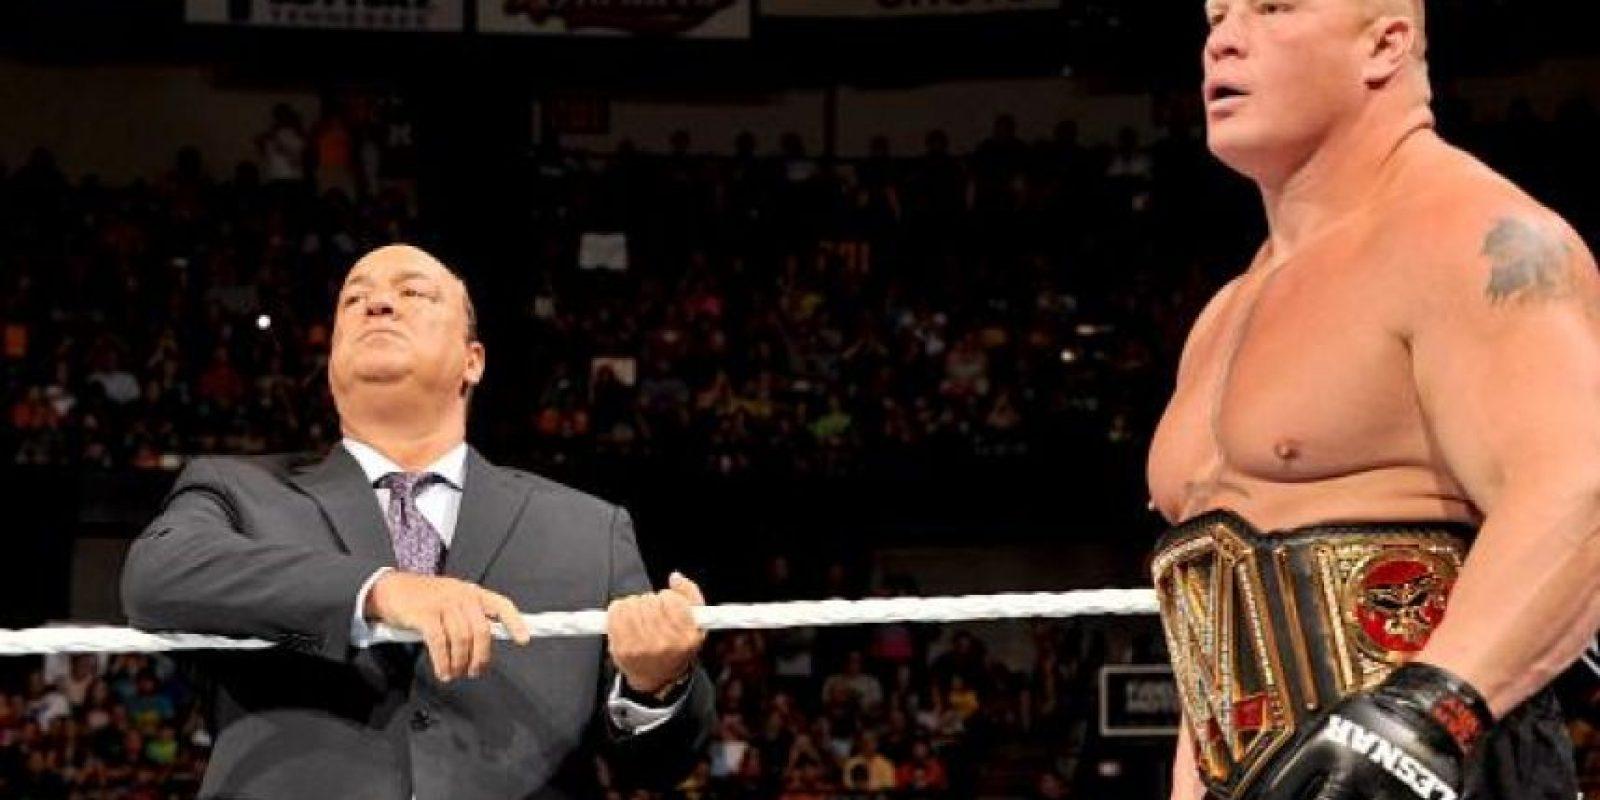 El actual campeón Mundial de los Pesos Pesados tiene 37 años Foto:WWE